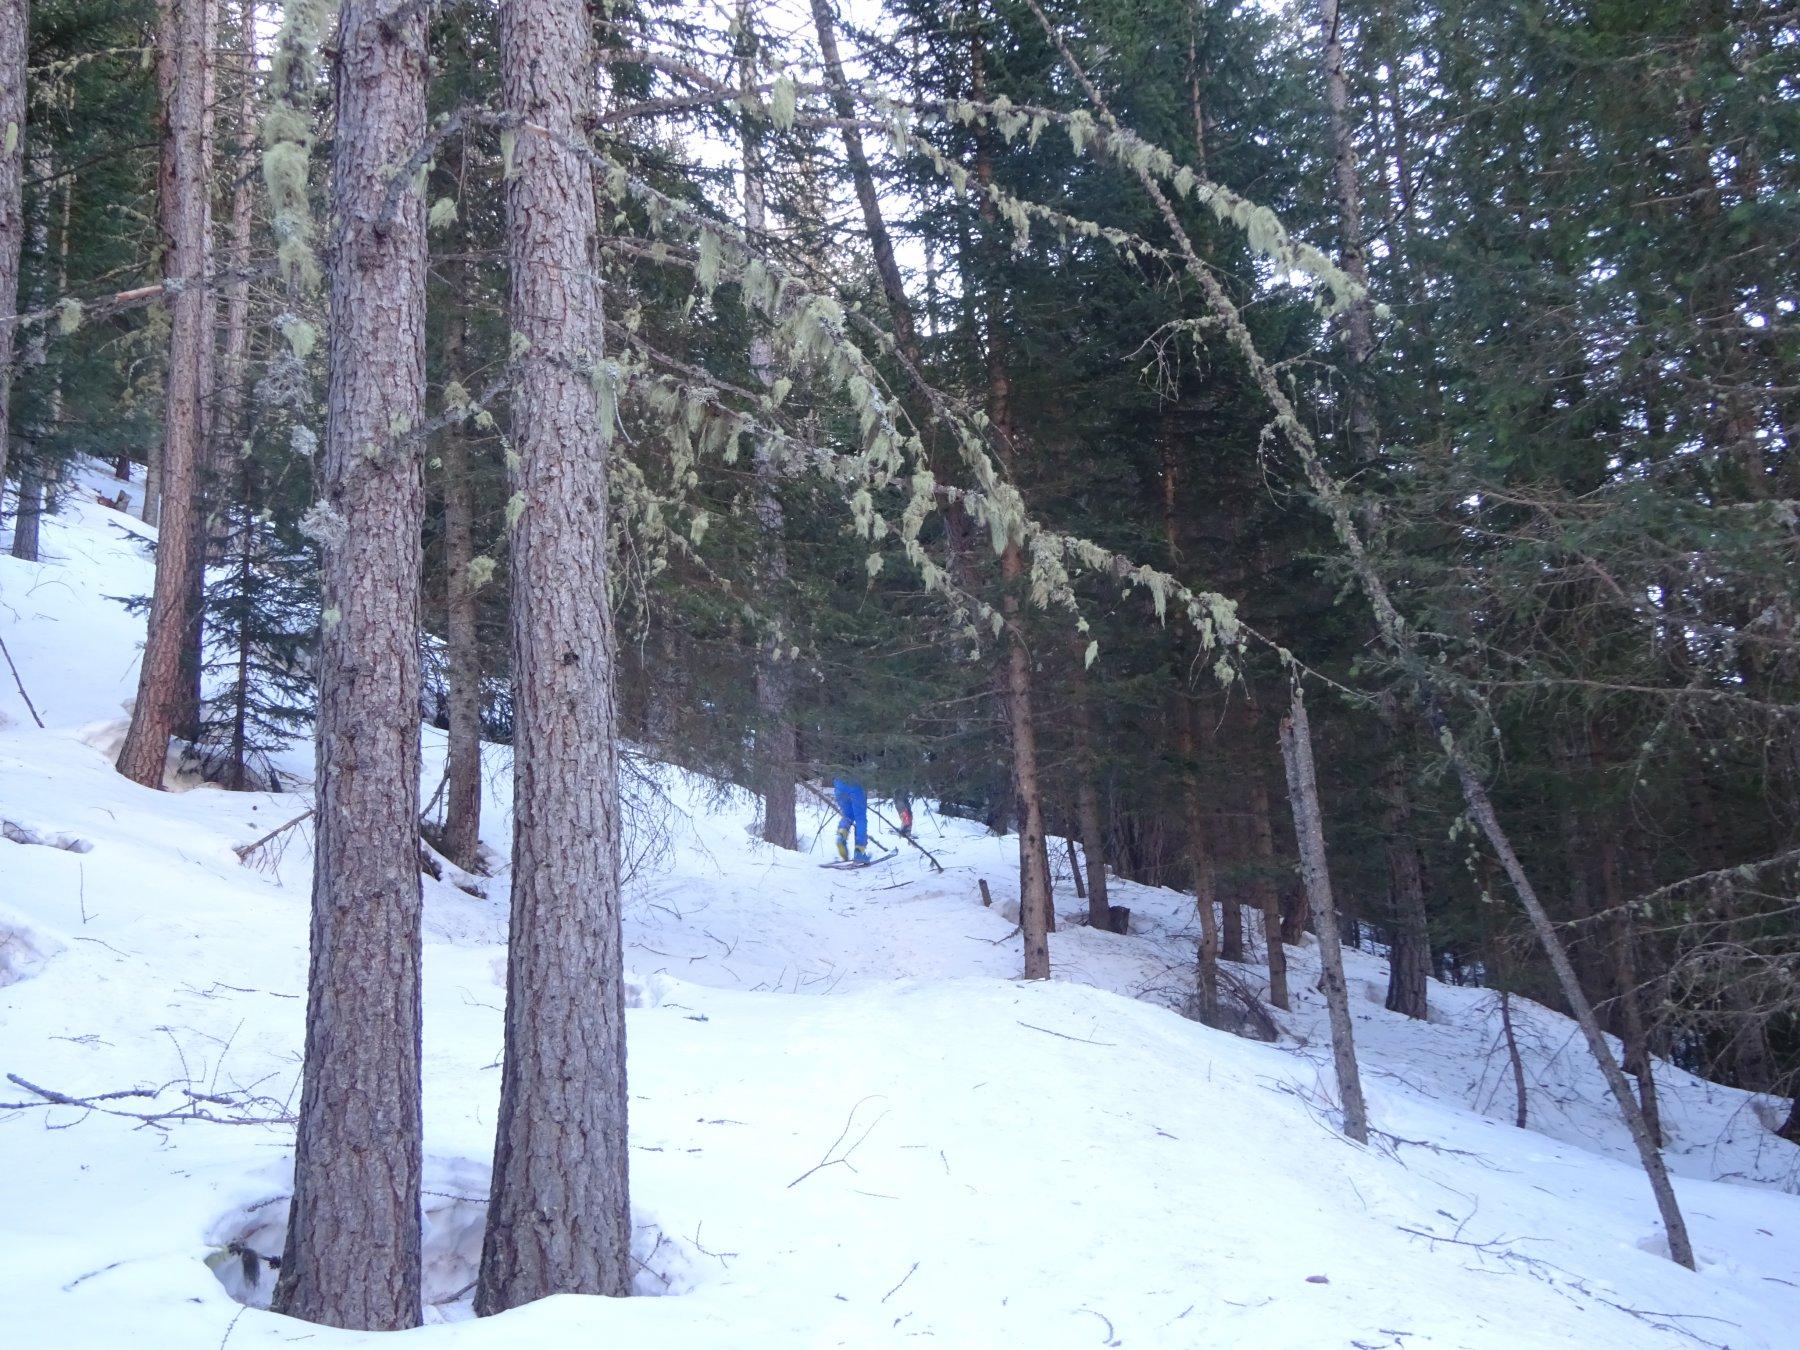 Prima parte di salita nel bosco fitto